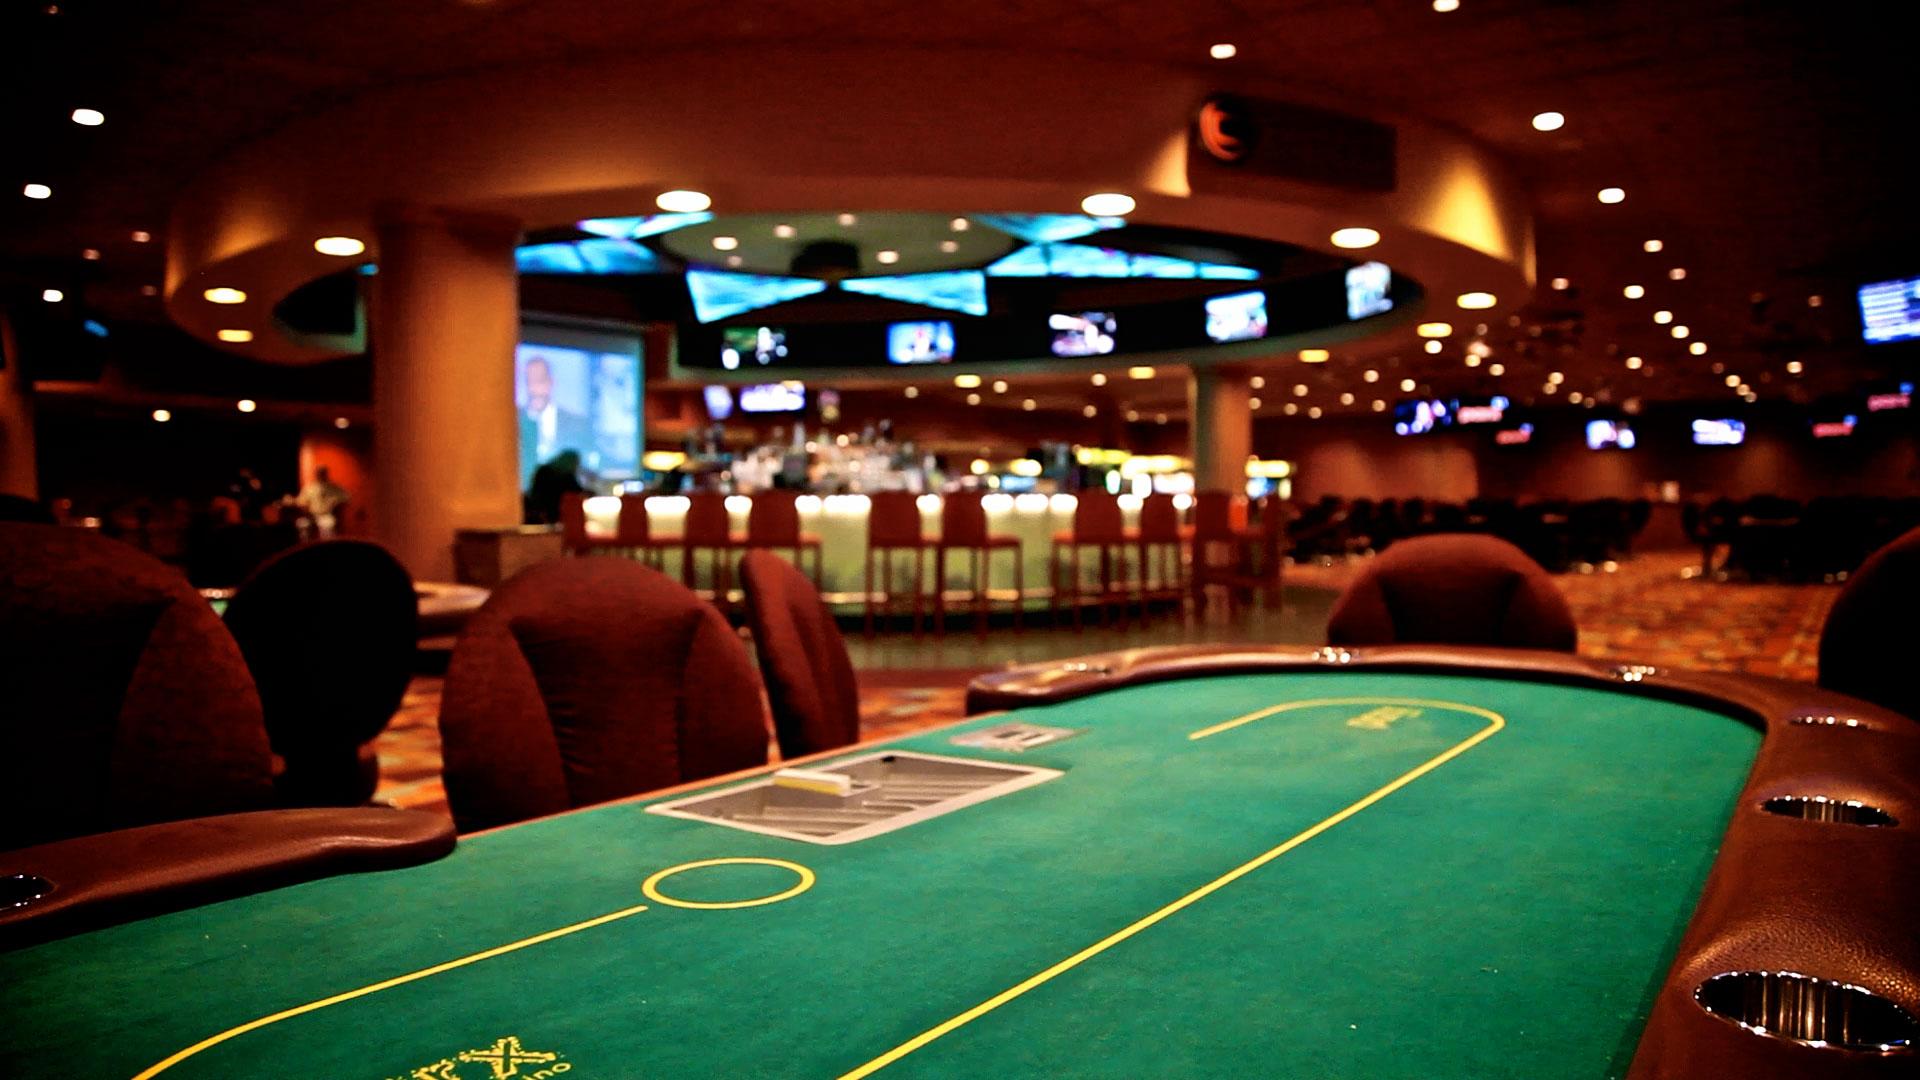 Jeux d'argent : je joue pour gagner